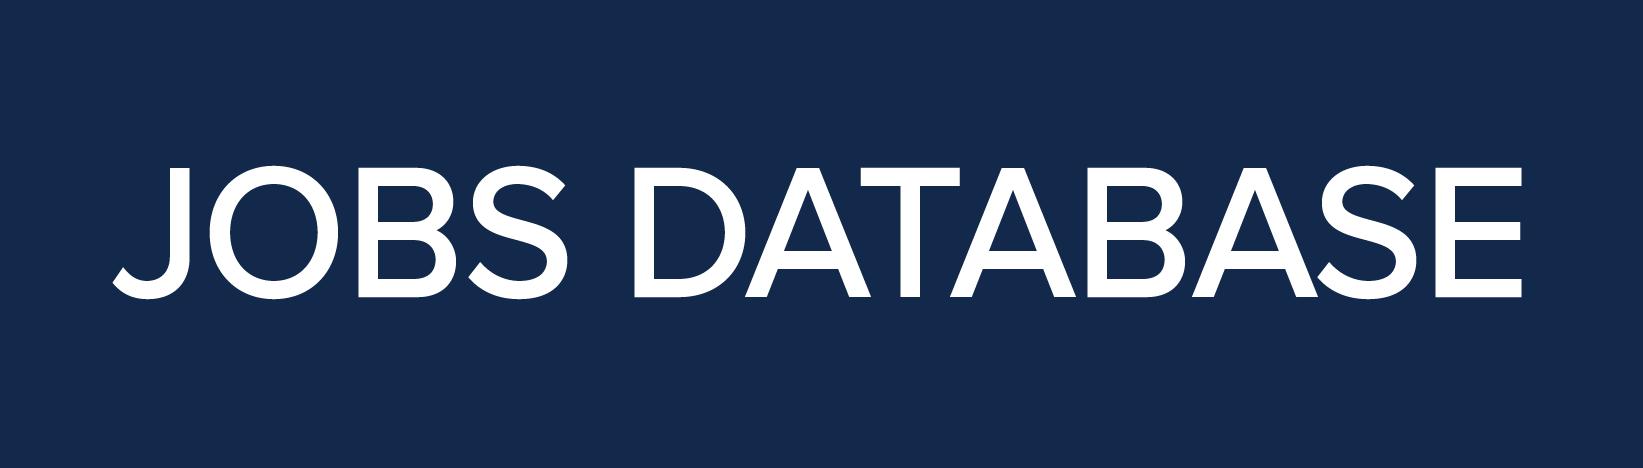 Jobs Database